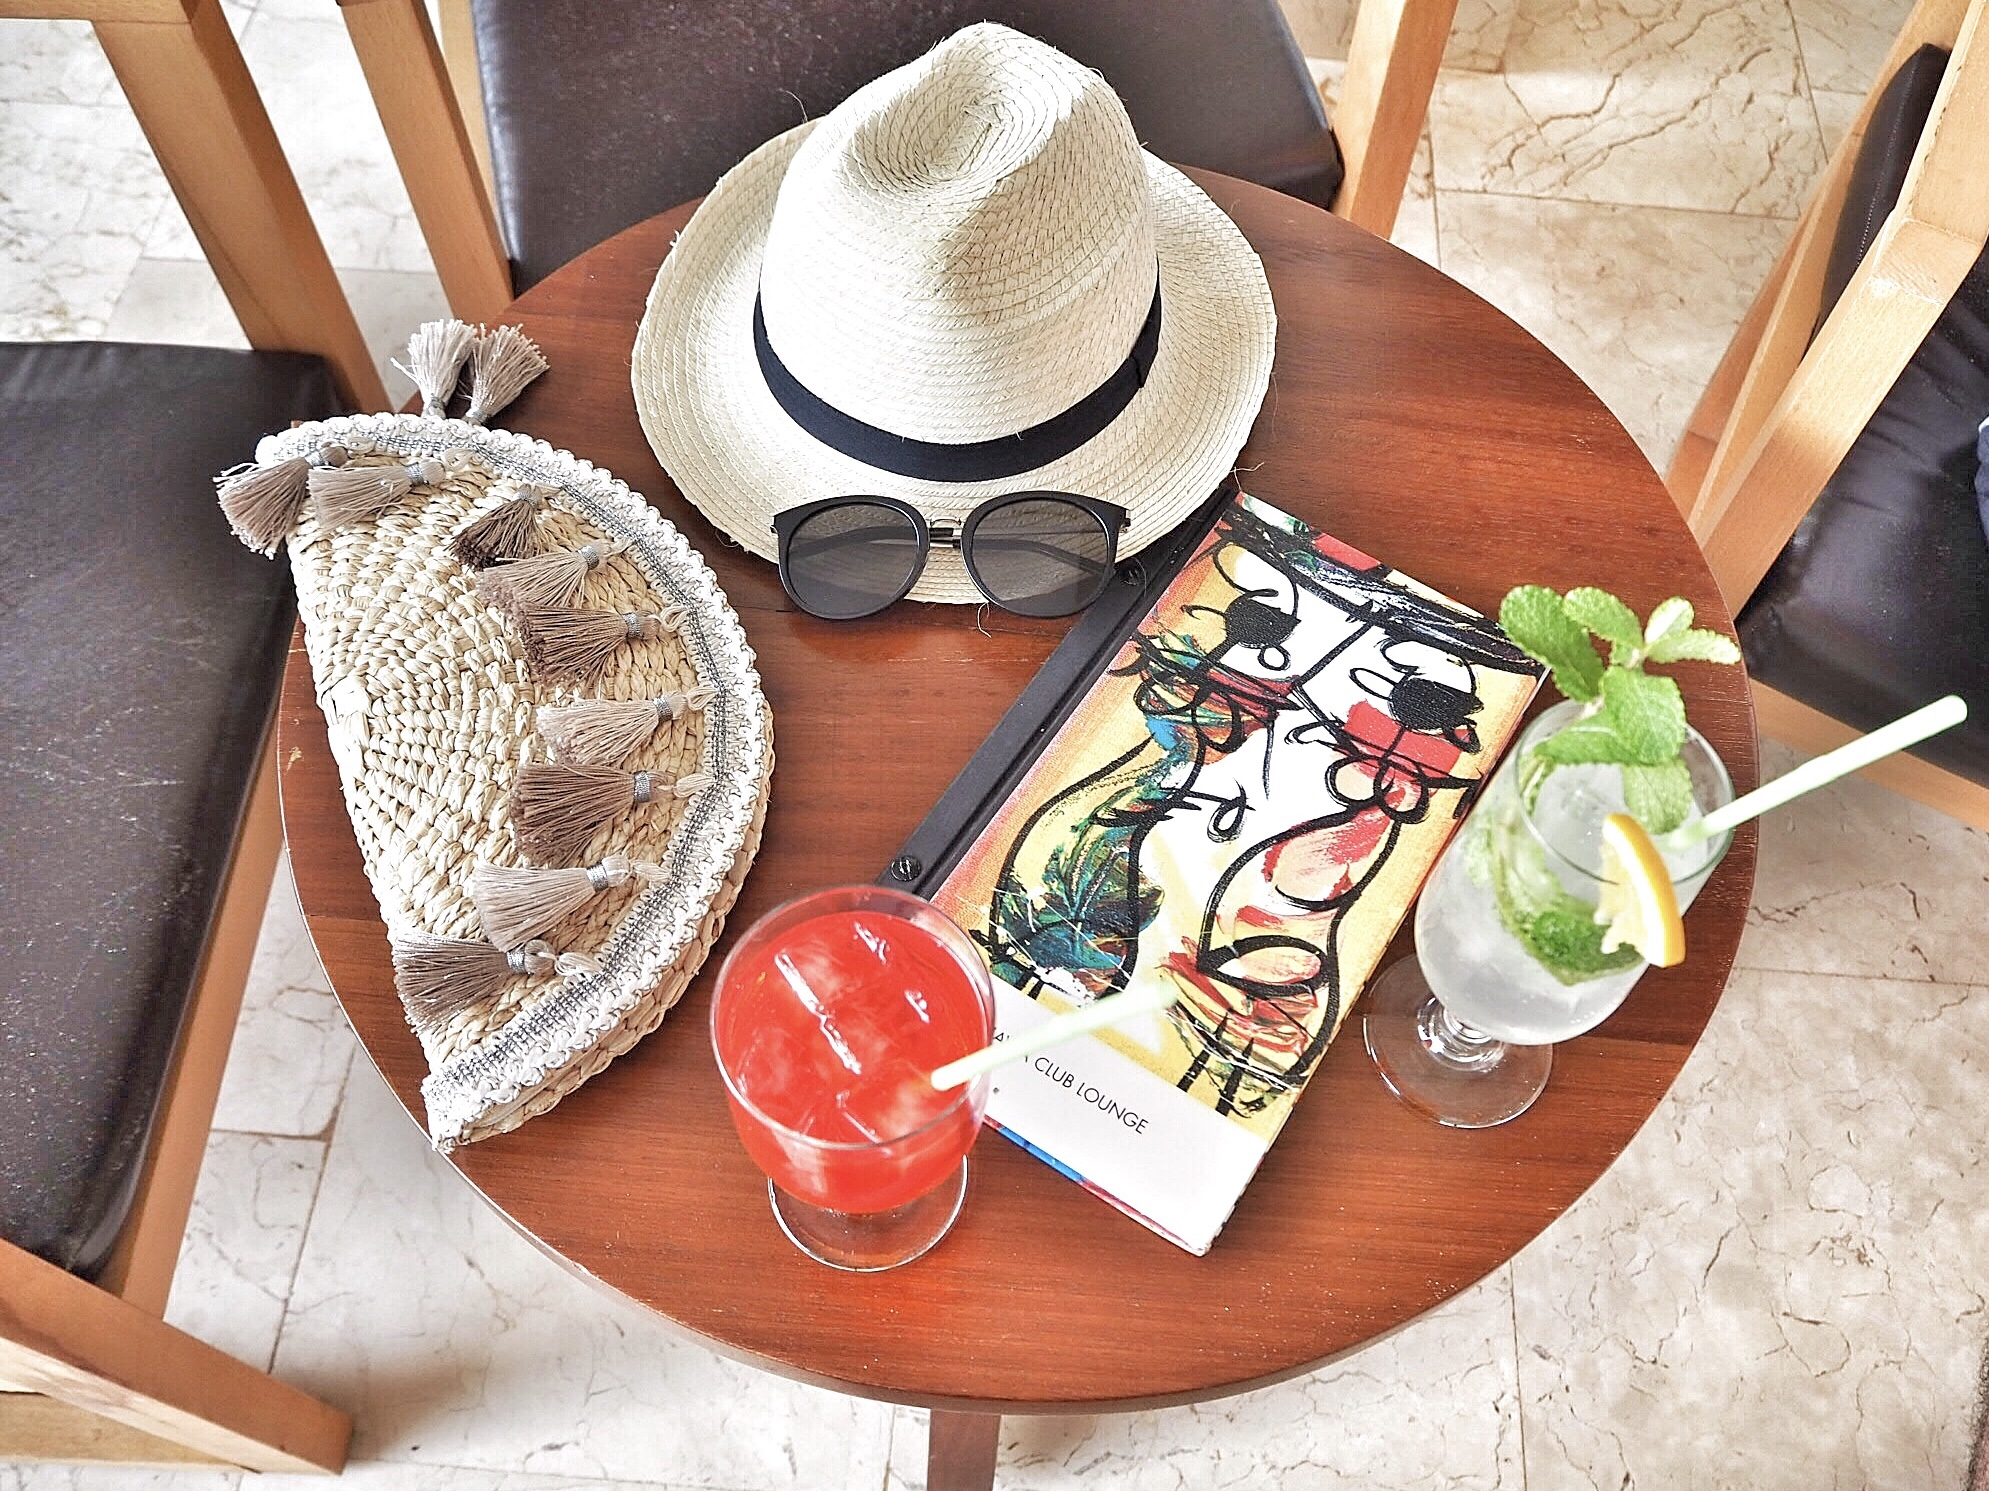 img 2936 1 - Dhawa Cayo Santa Maria -オープンして1年のキューバのオールインクルーシブリゾート